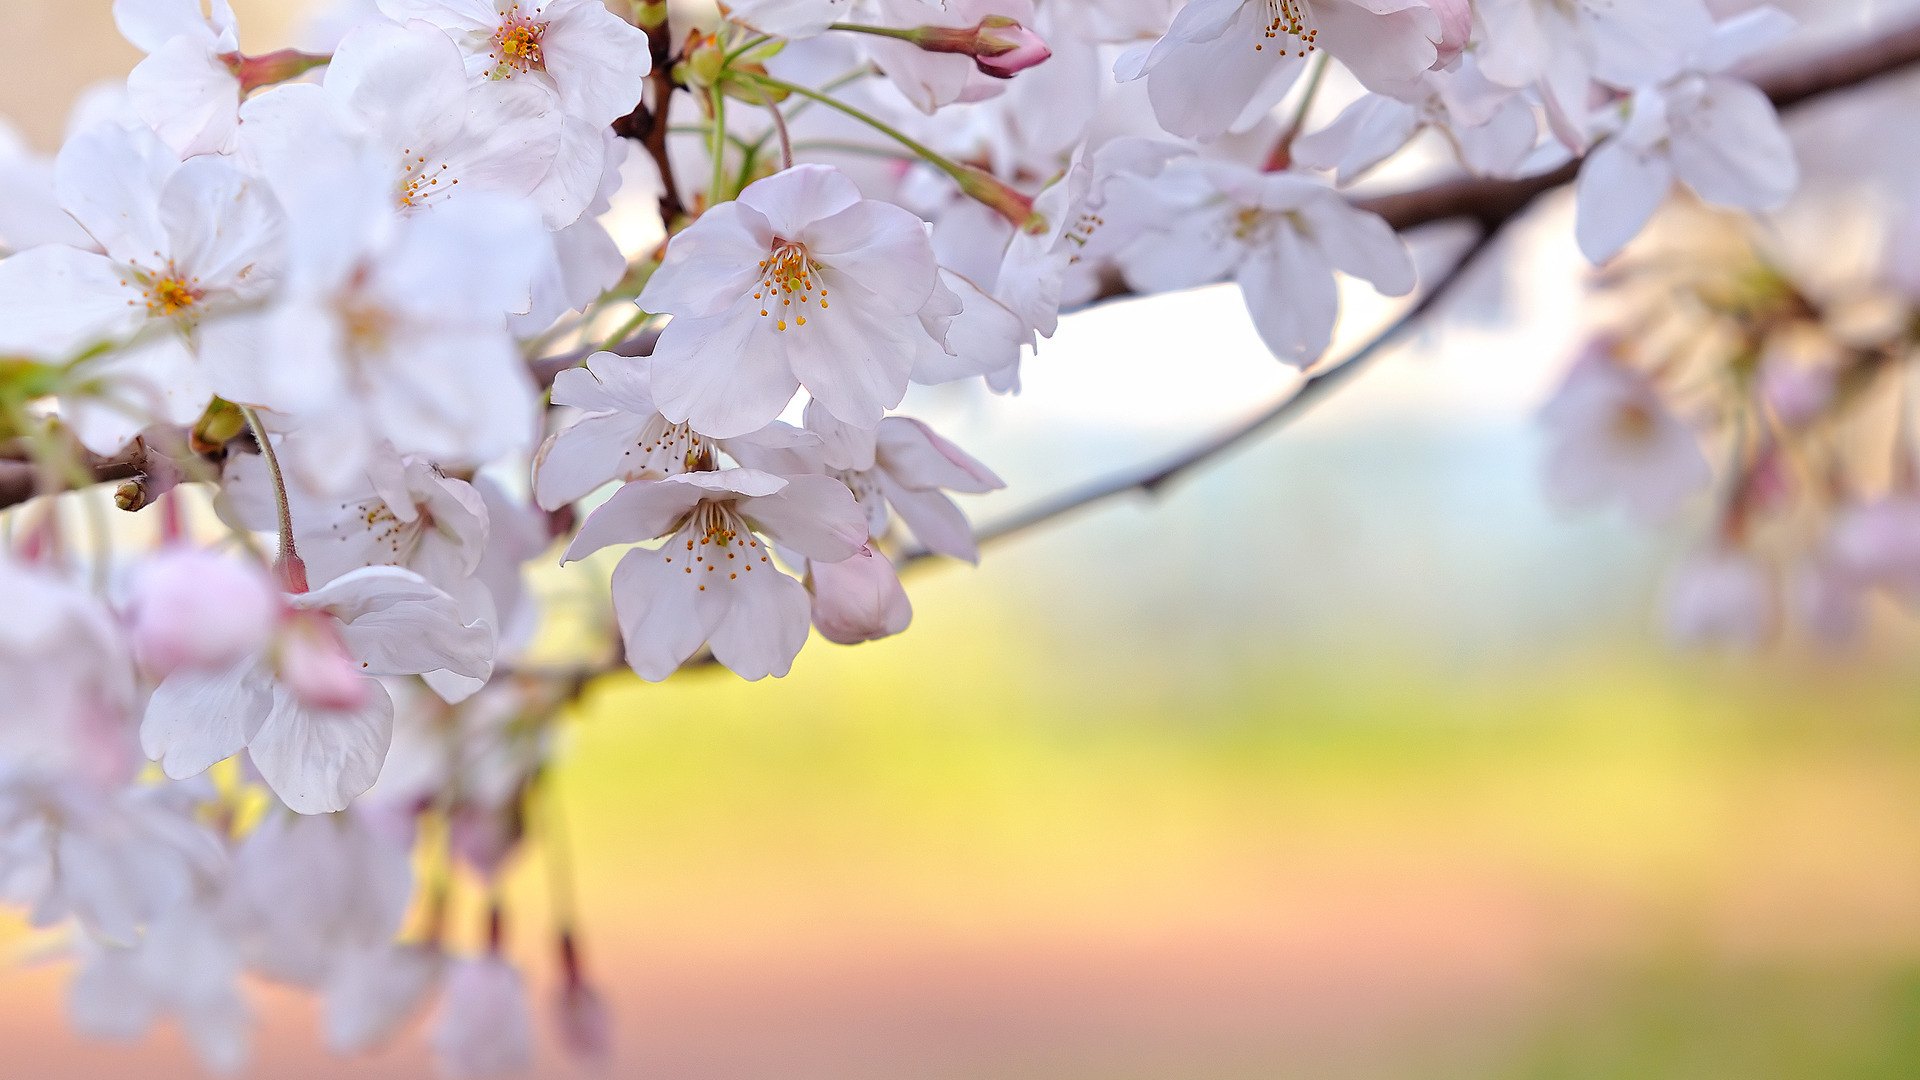 природа цветы белый весна скачать